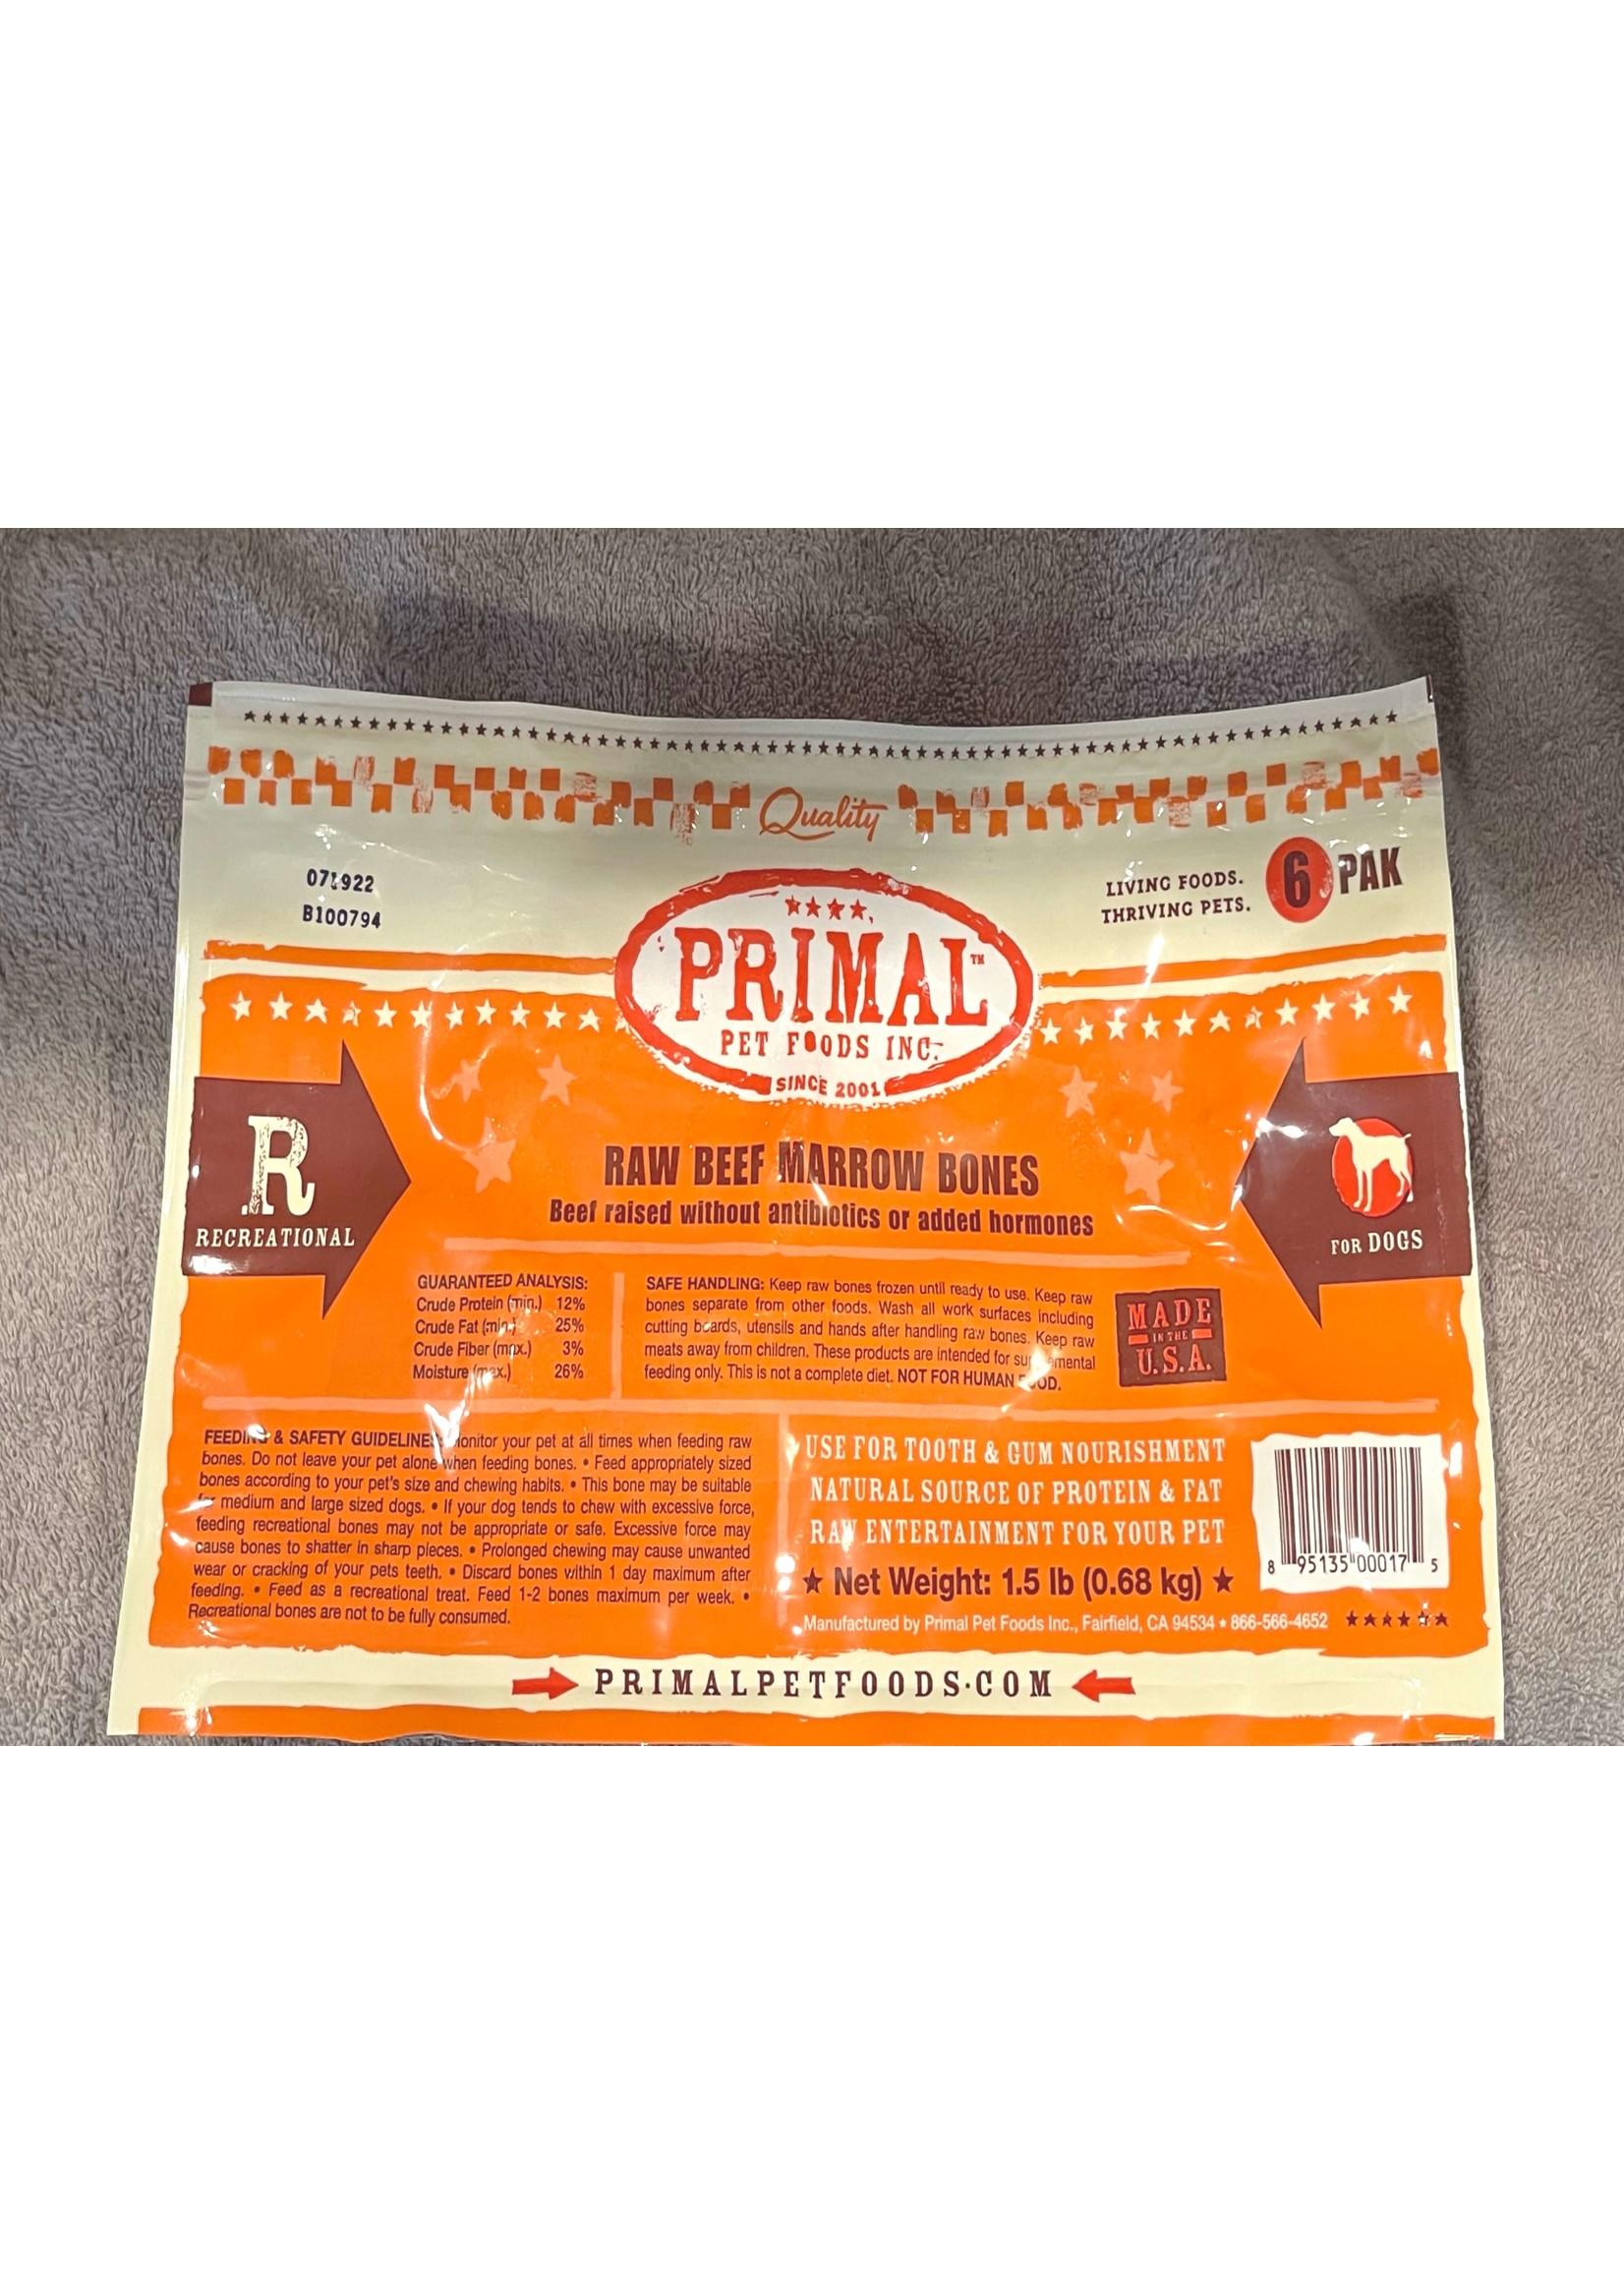 Primal Pet Foods Primal 2in Frozen Beef Bones, 6 Pack